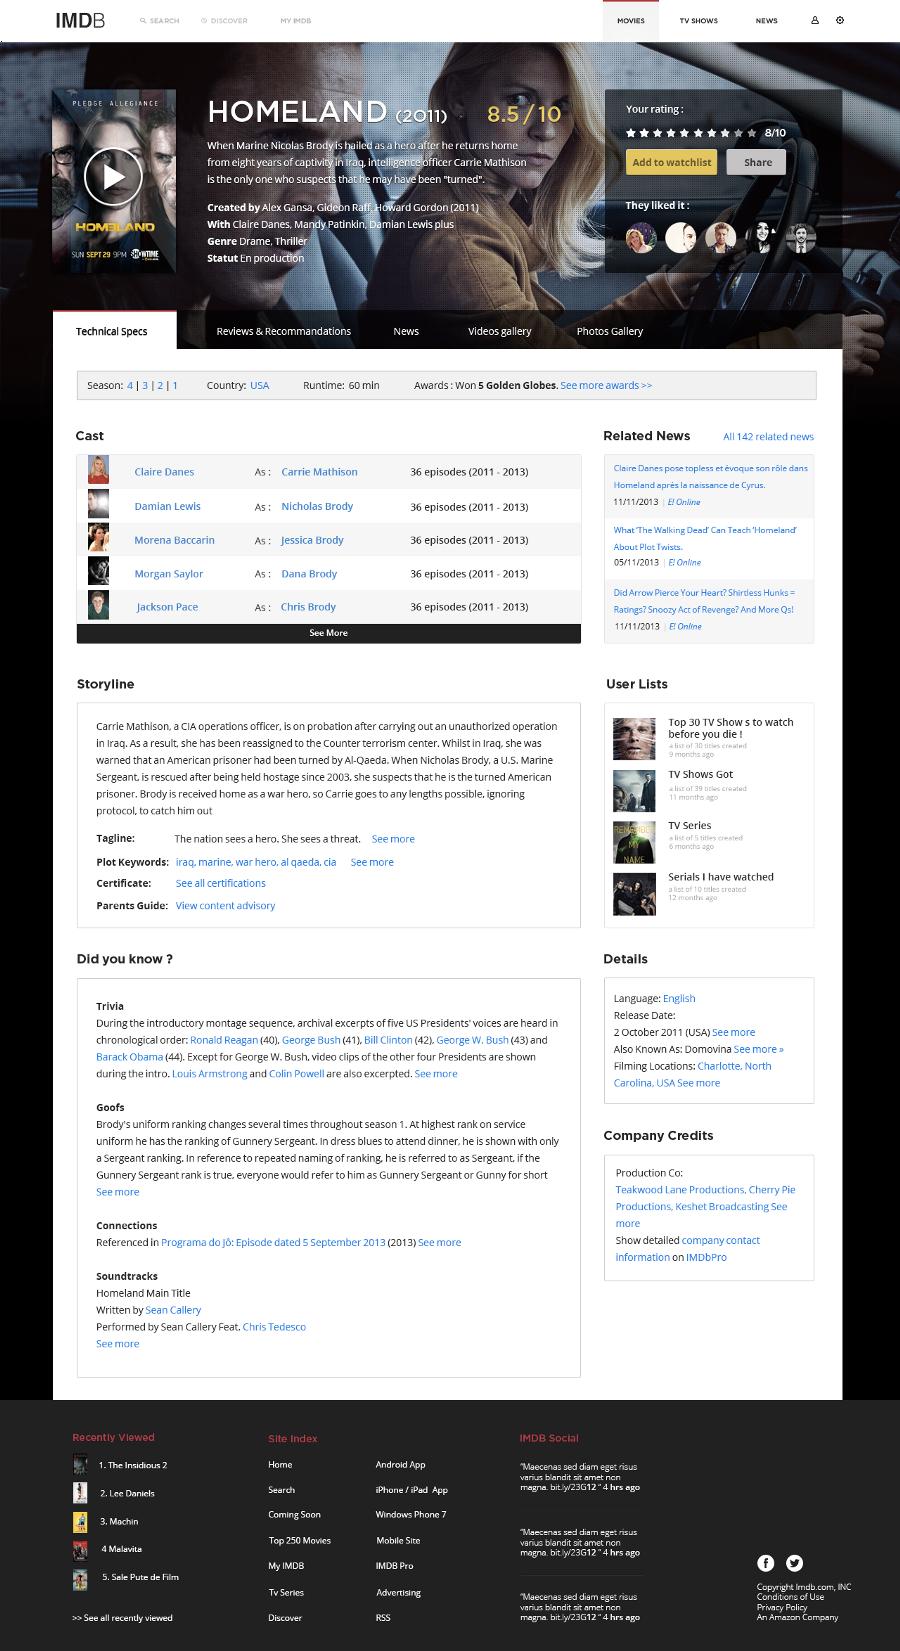 改版经验分享!重新设计地球上最流行的电影网IMDb